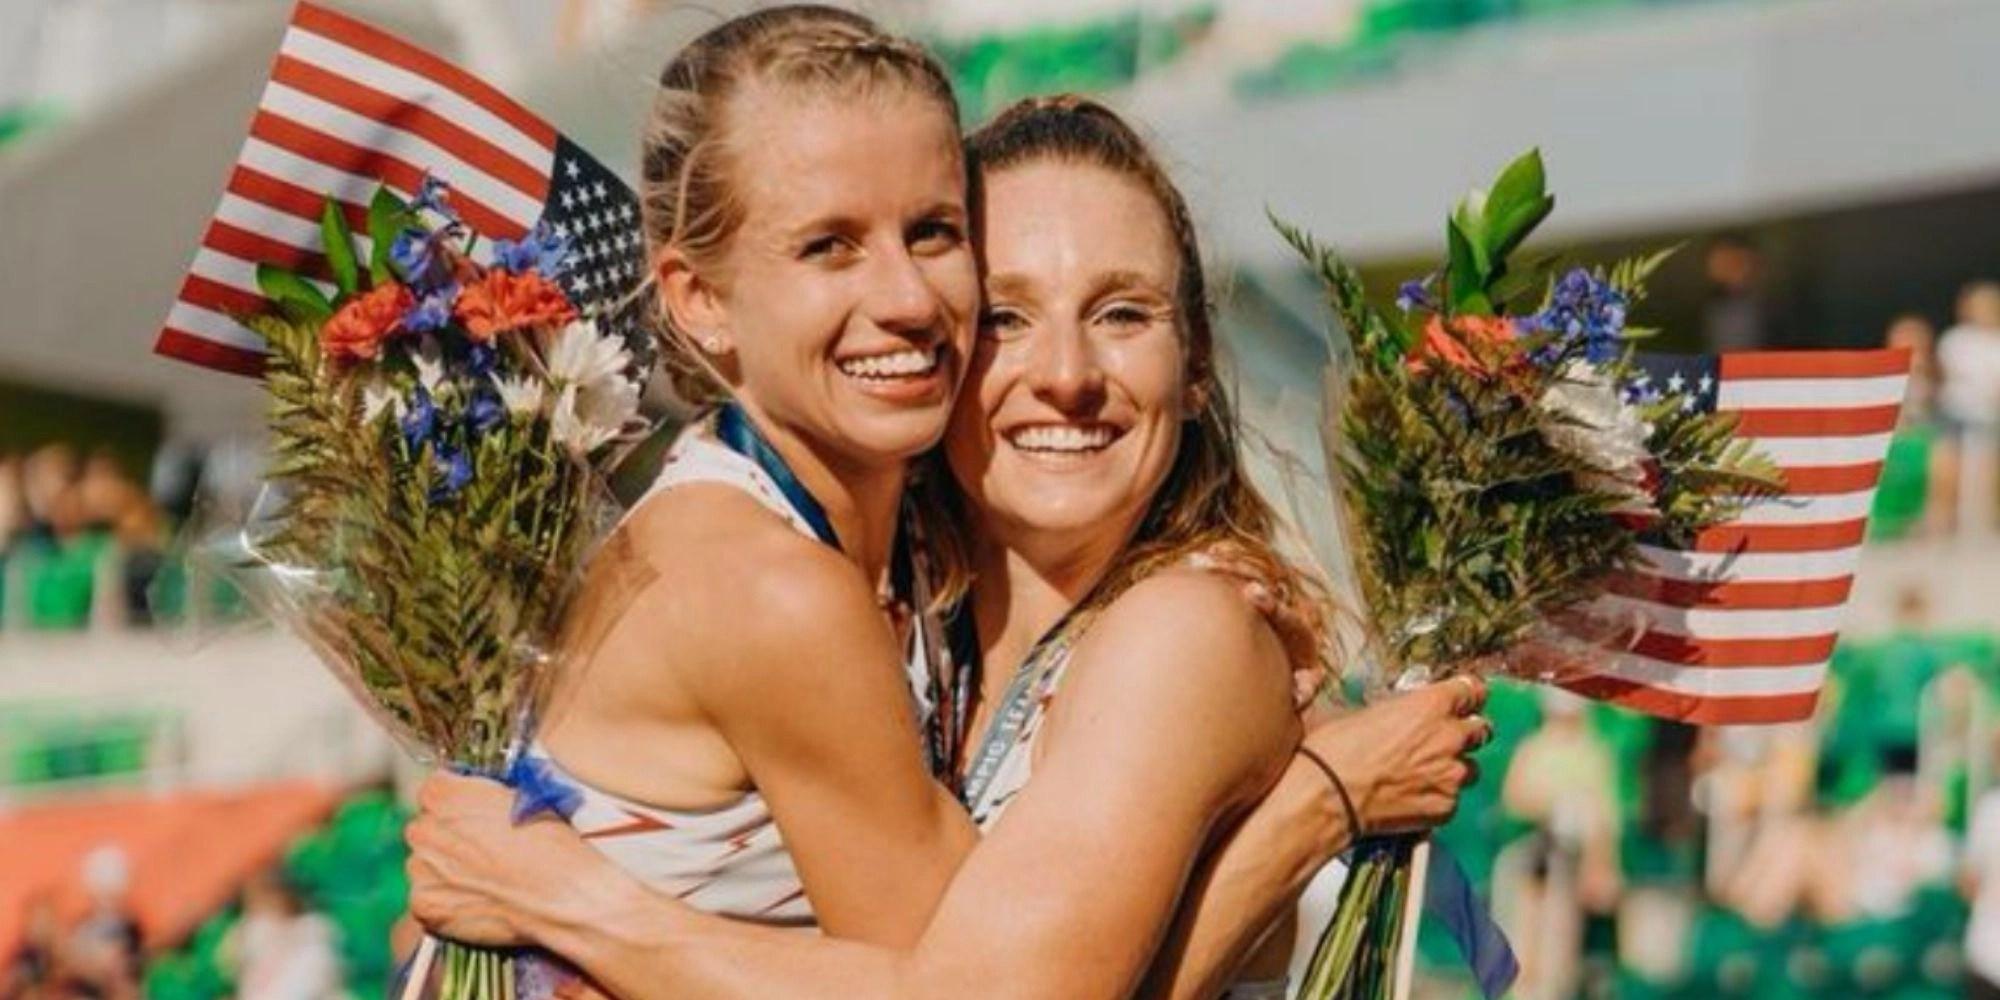 Karissa Schweizer & Elise Cranny